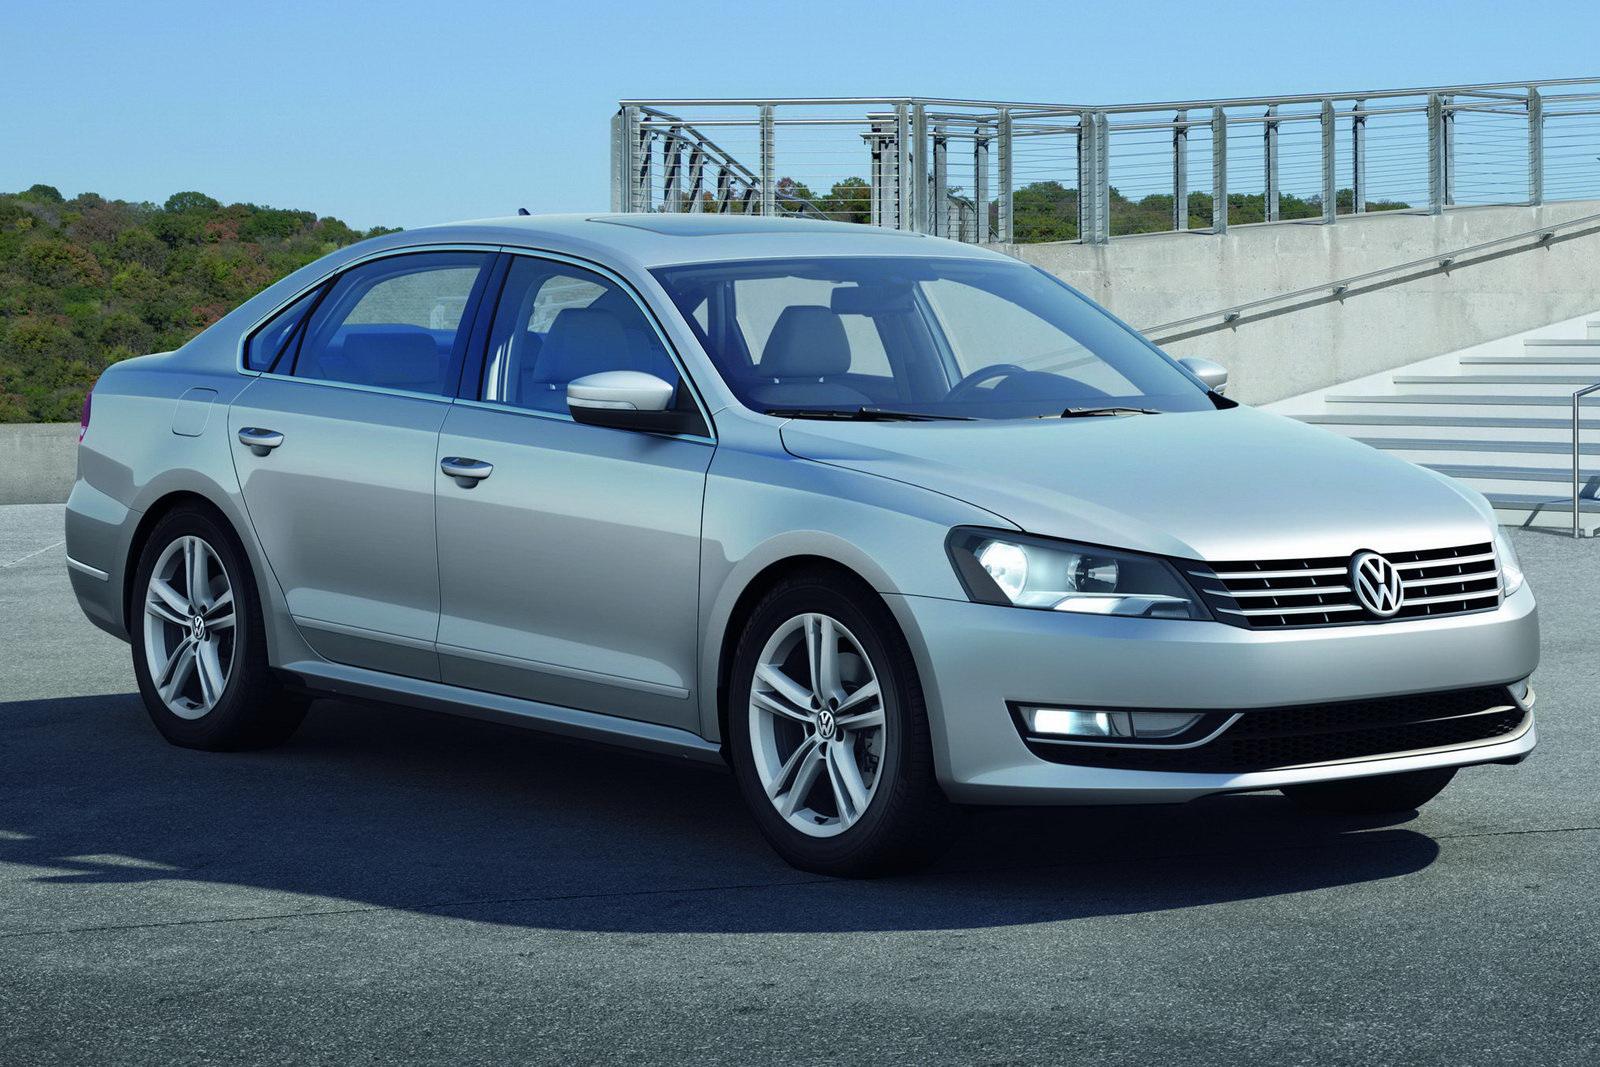 Volkswagen Passat Nms 2012 17 18